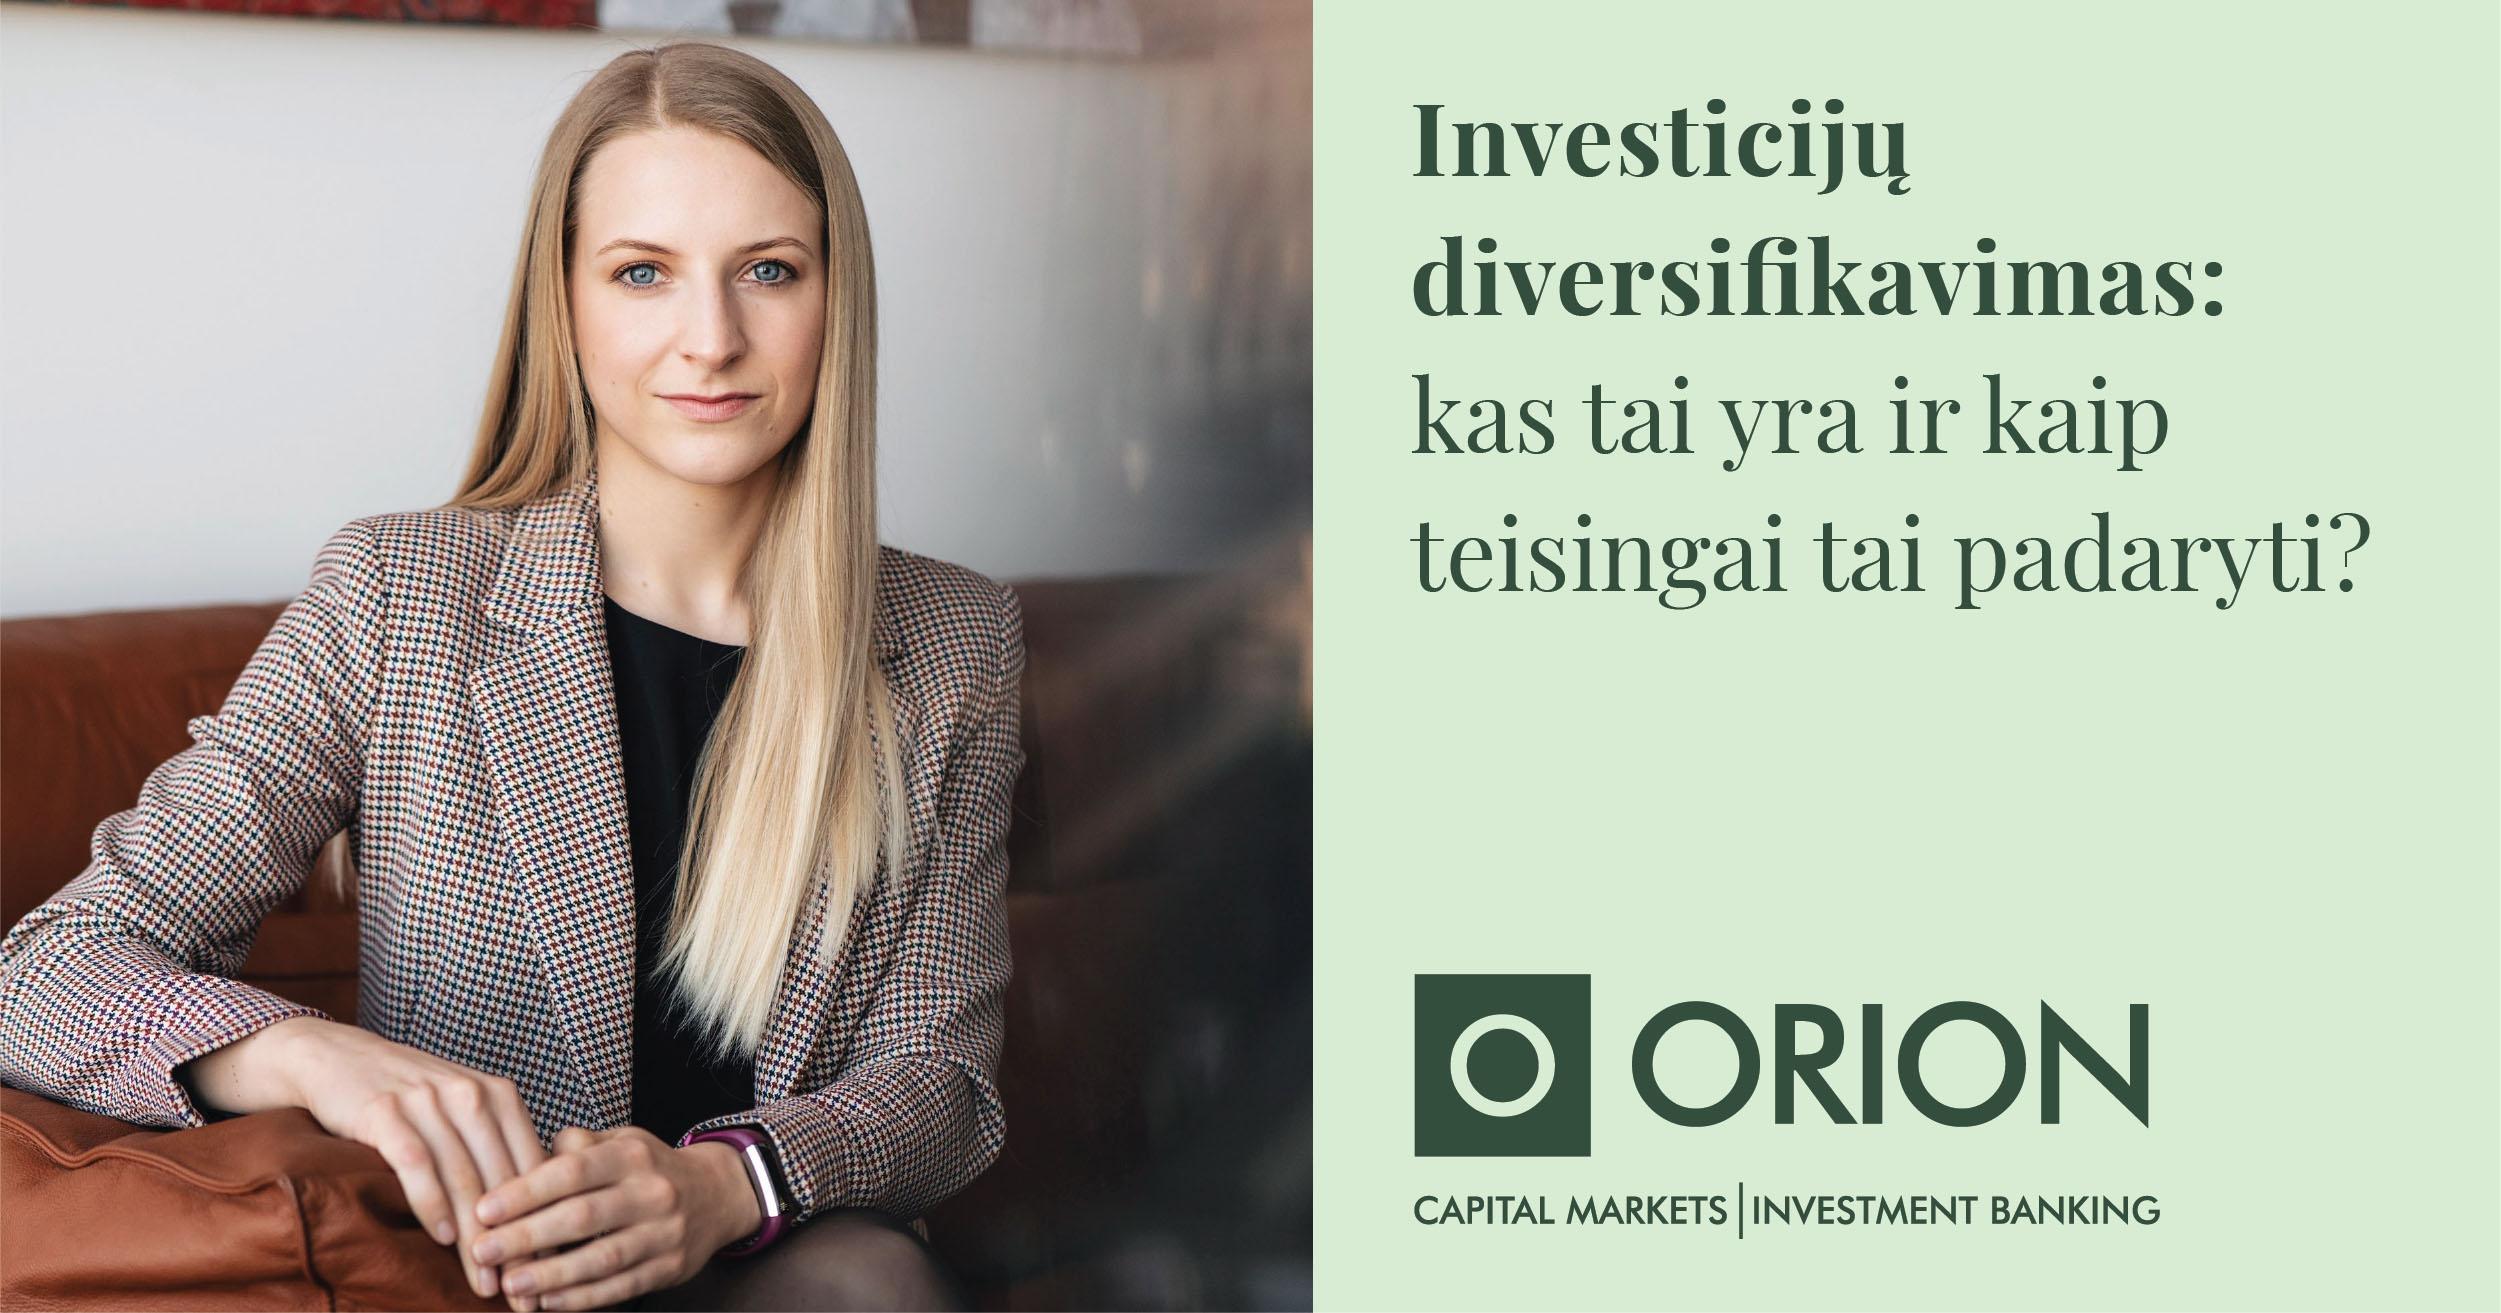 įmonė naudojanti diversifikacijos strategiją dvejetainių opcionų investavimo planas